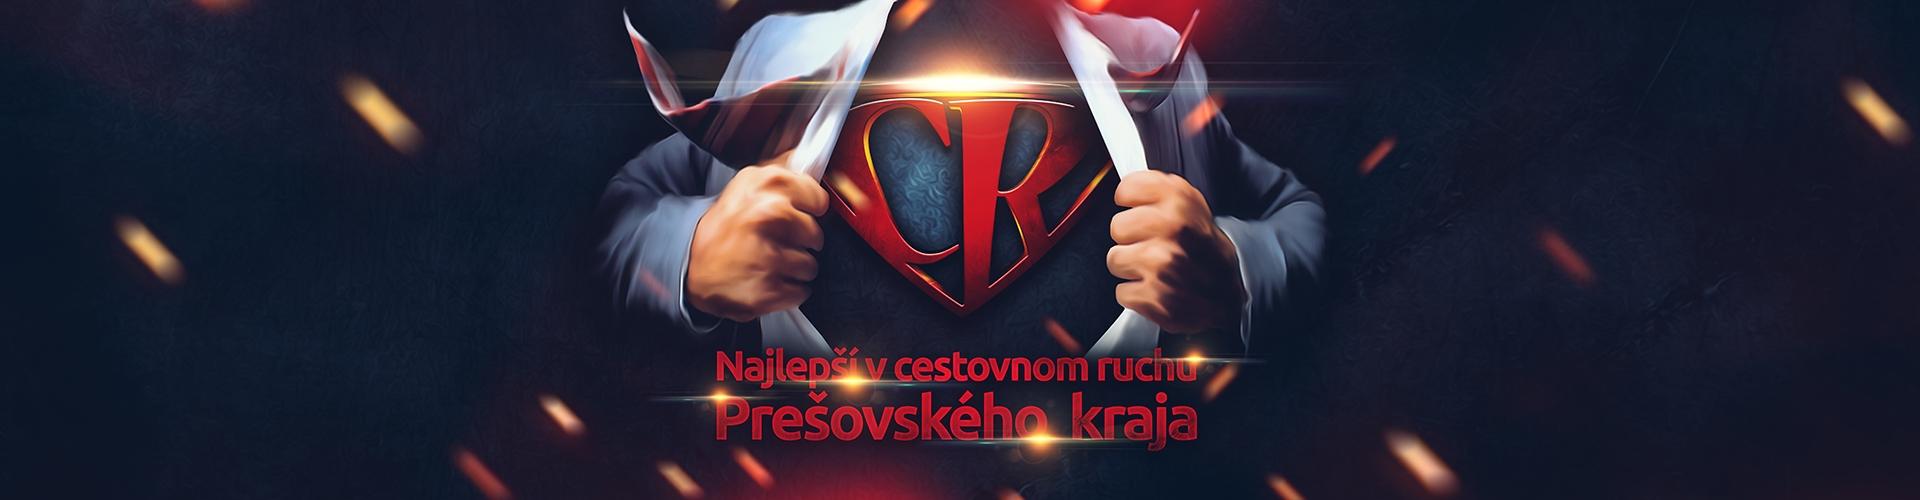 Verejnosť a odborná porota vybrala najlepších v CR Prešovského kraja